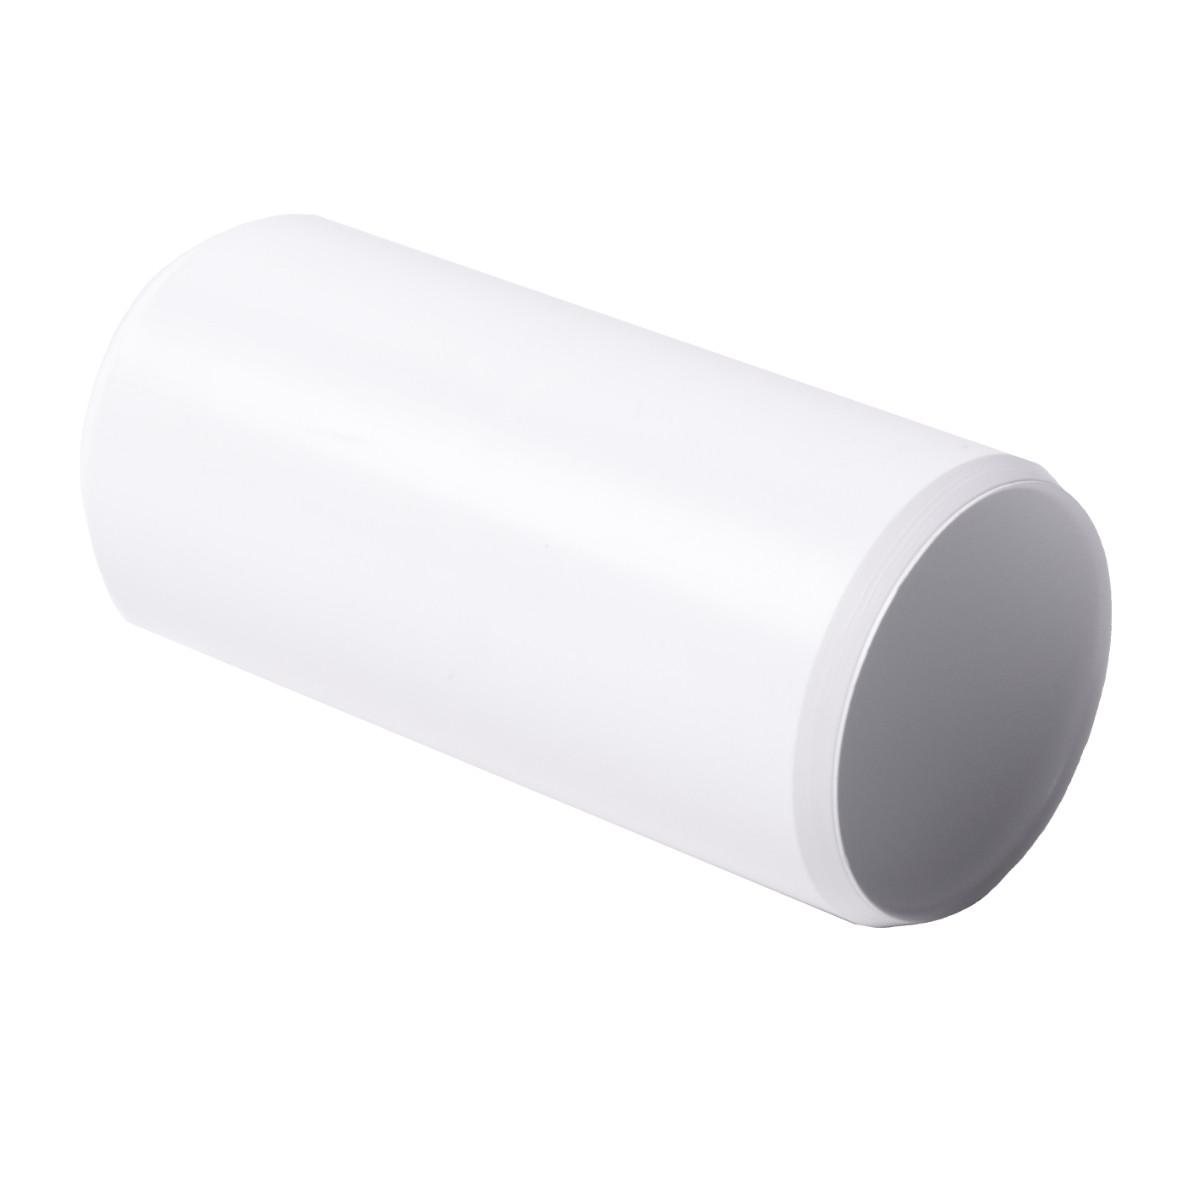 Муфта з'єднувальна для труби 63 мм ; Ø63мм; ПВХ;; t застосування -25+60 °с; біла; Упаковка 10 шт